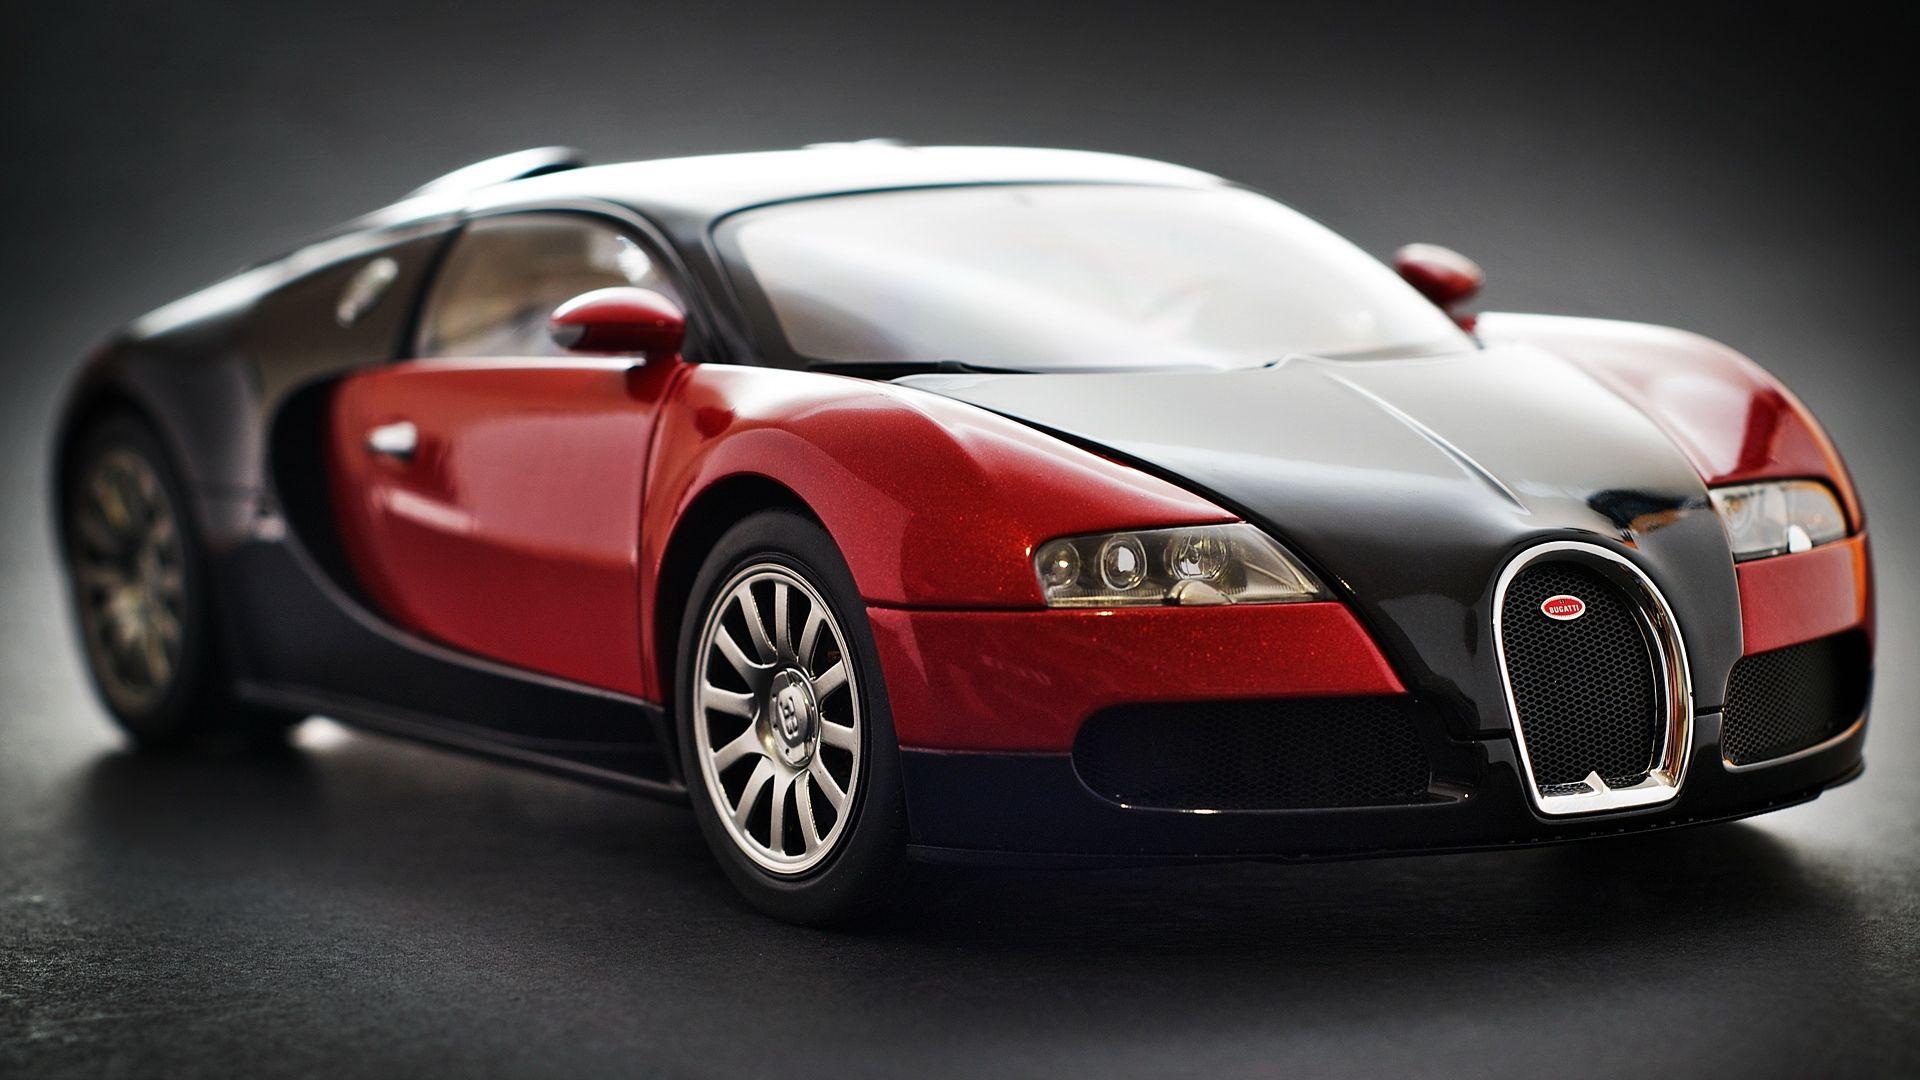 1920x1080 Red Black Car Wallpaper Download Bugatti Veyron Black Bugatti Bugatti